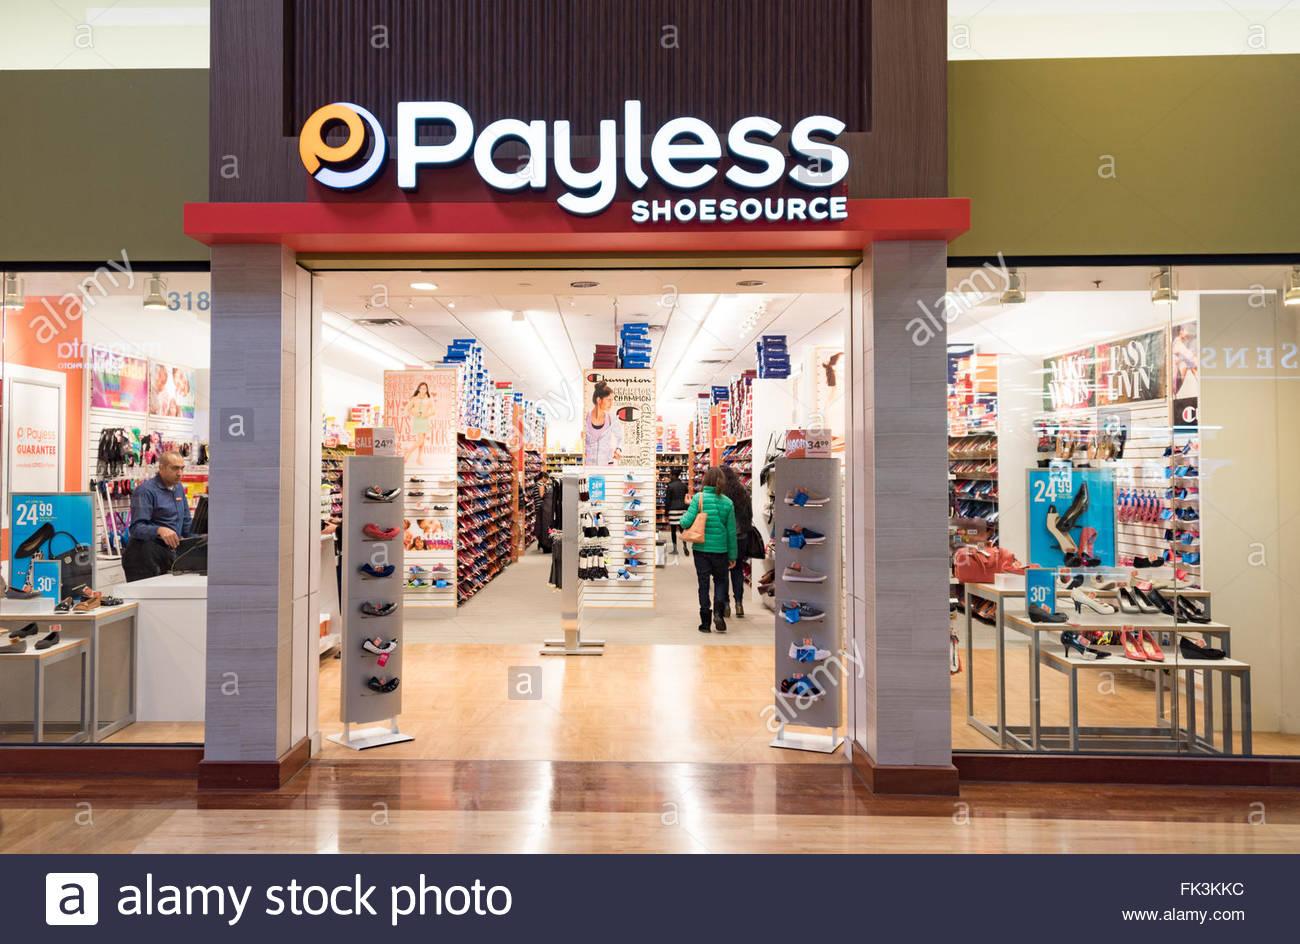 Entrada frontal de Payless shoe store. Payless ShoeSource es un descuento  Americana Detallista de Calzado ba746f892242